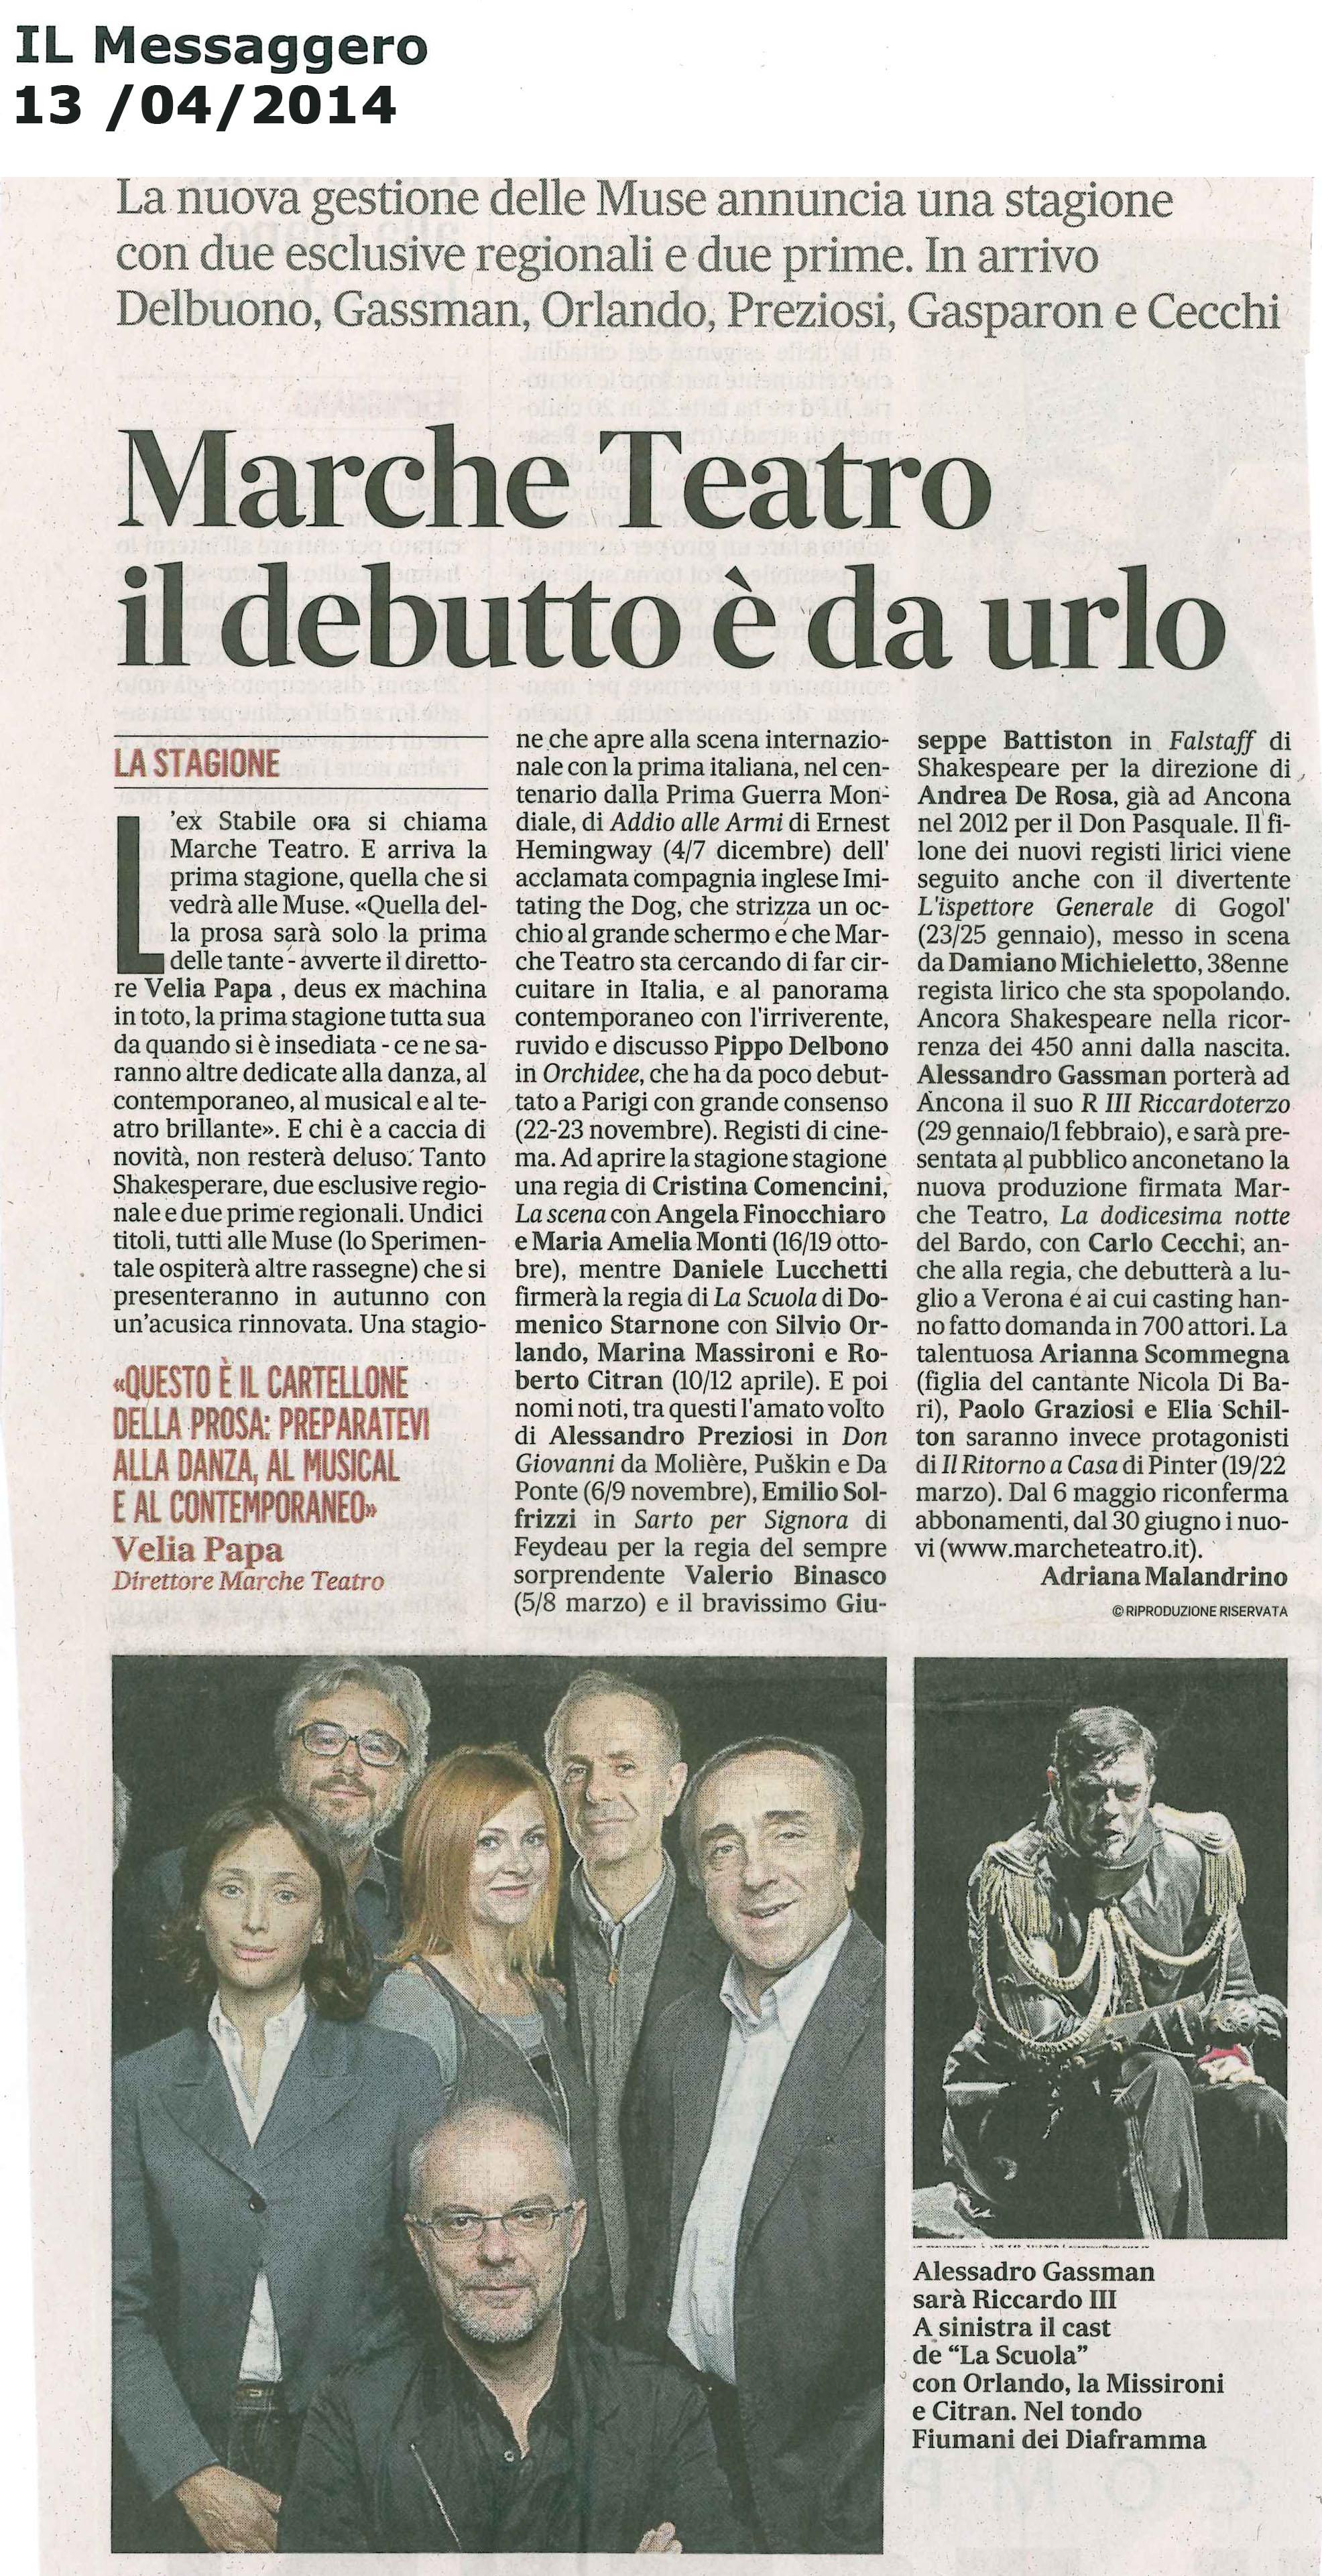 2014.04.13 Marche Teatro il debutto è da urlo - Il Messaggero